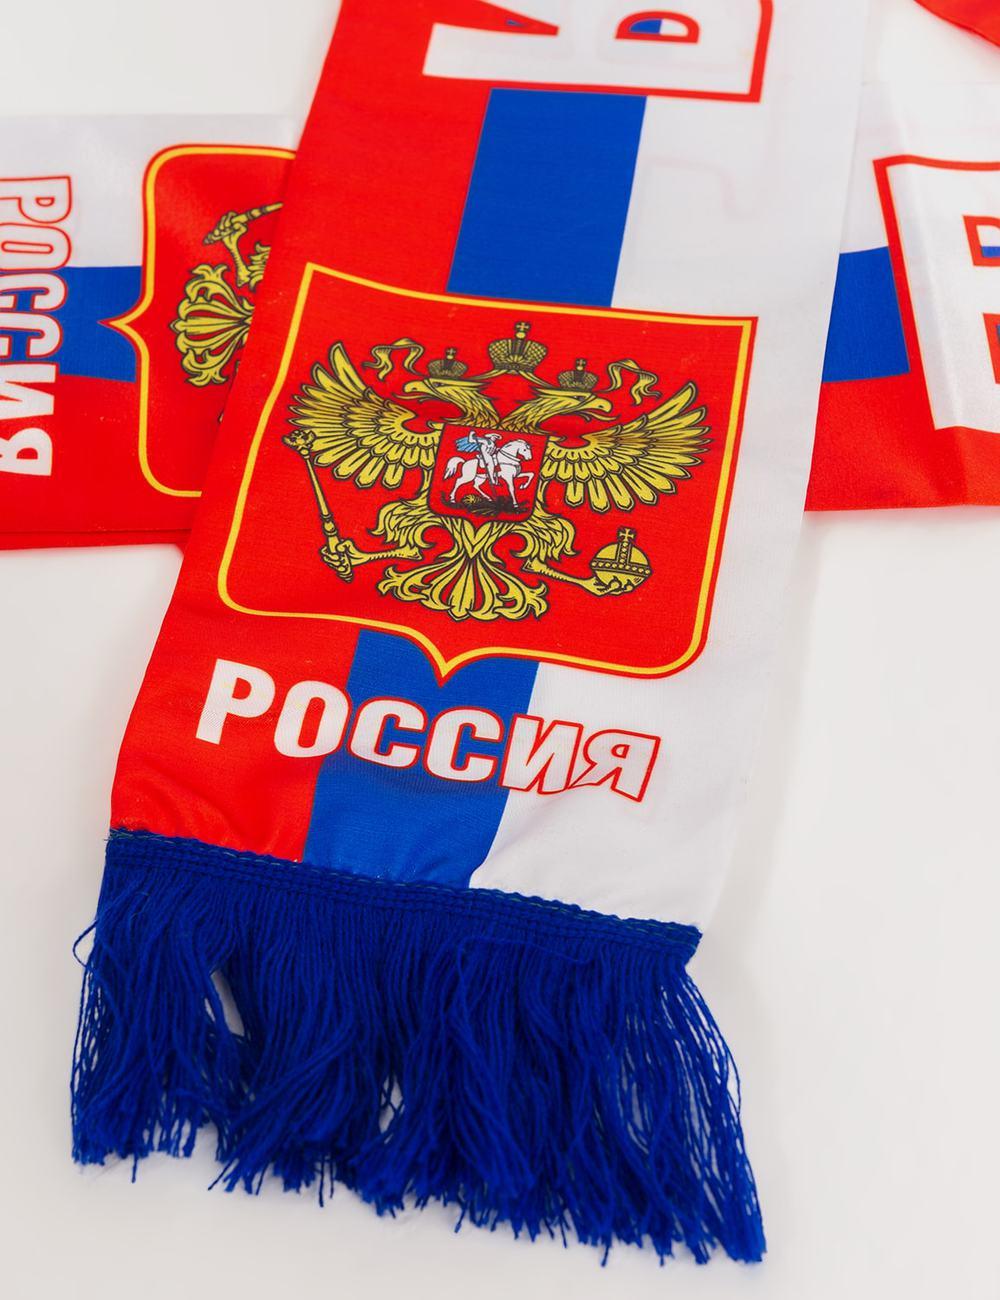 d44340dd2 Пошив спортивной формы на заказ в Москве